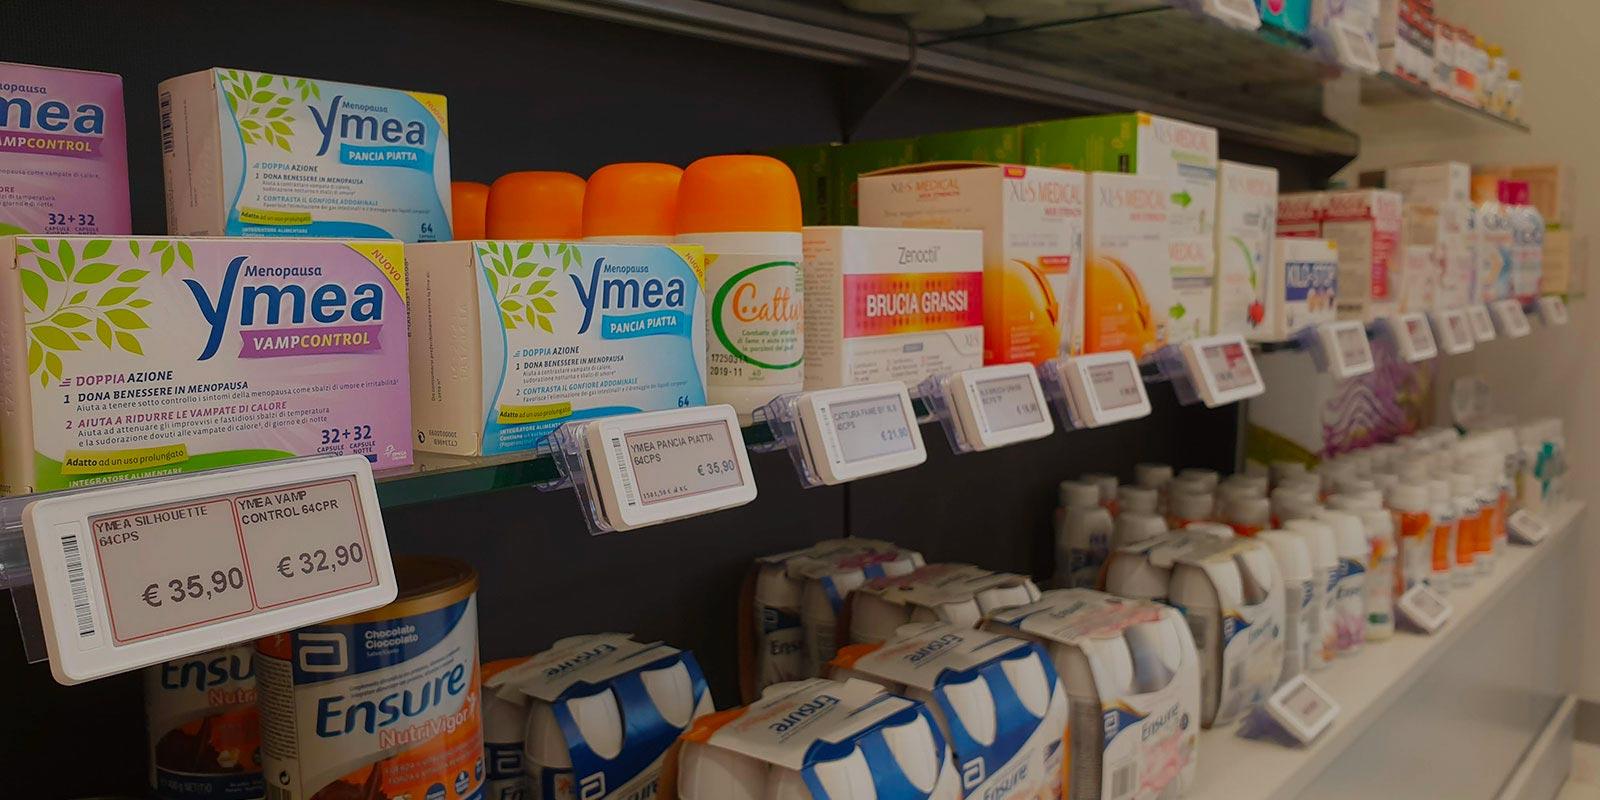 etichette elettroniche farmacia promelit